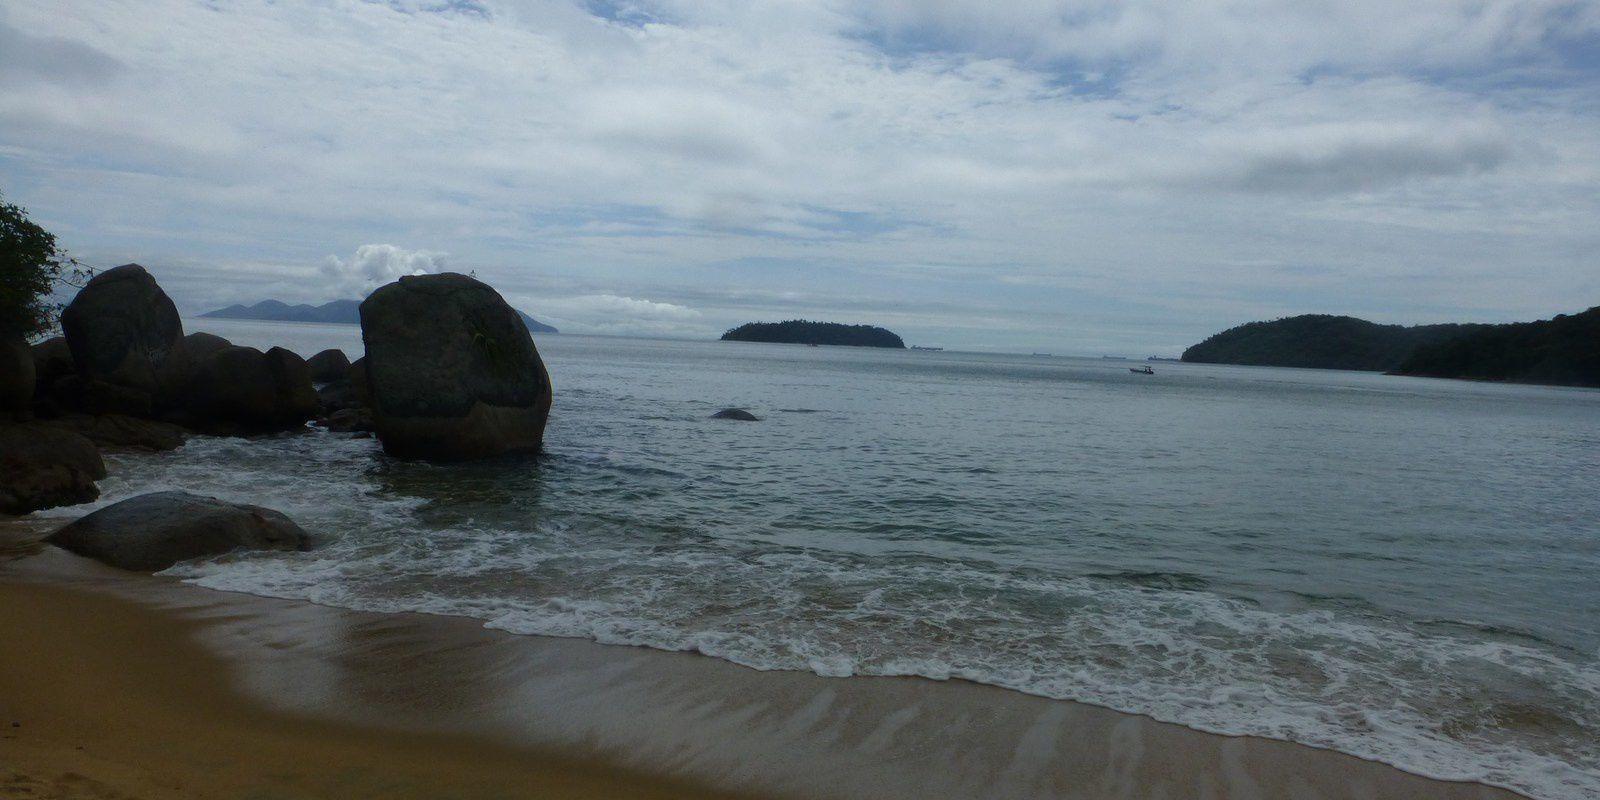 Eh bien voilà, nous quittons Ilha Grande un peu contraints par la météo... fort dommage tout de même de ne pas avoir connu ce lieu sous le soleil... Prochaine étape : Paraty. A bientôt, Sylvie